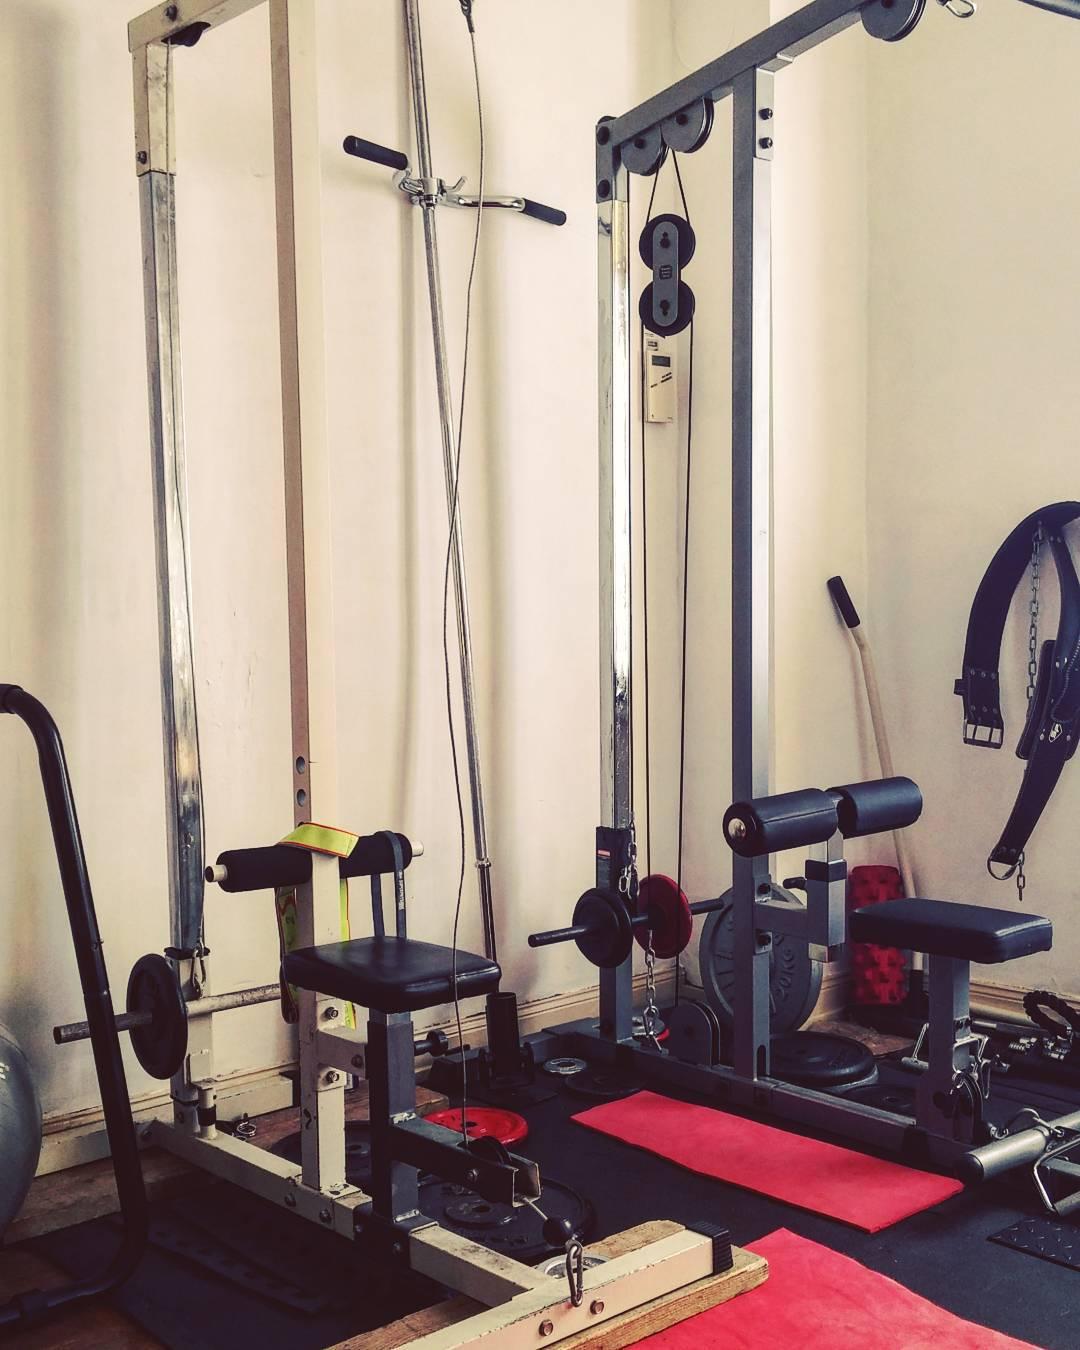 Muscler votre dos avec barre et halt res domicile la m thode street - Quelle machine a cafe acheter ...